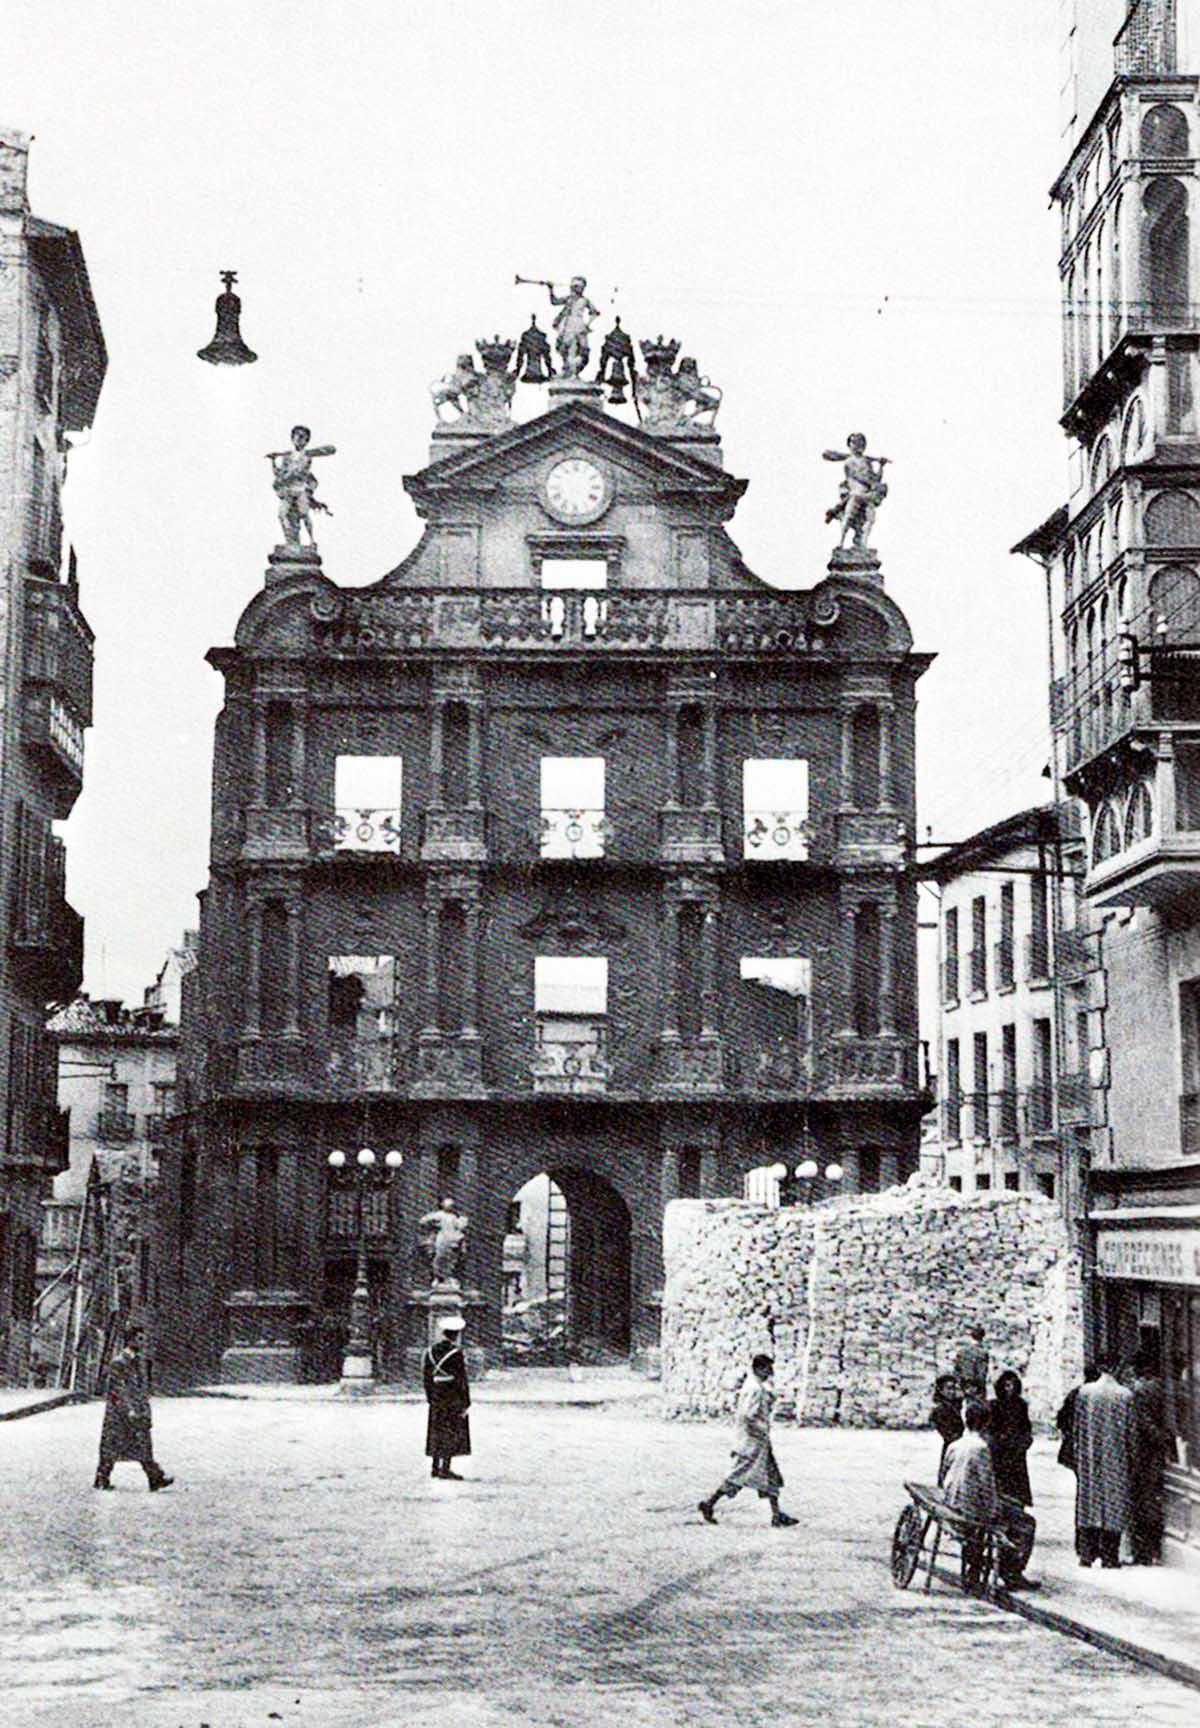 Solo queda en pie la fachada del Ayuntamiento tras el derribo del edificio en 1952. Libro 'Pamplona calles y barrios' de José Joaquín Arazuri.